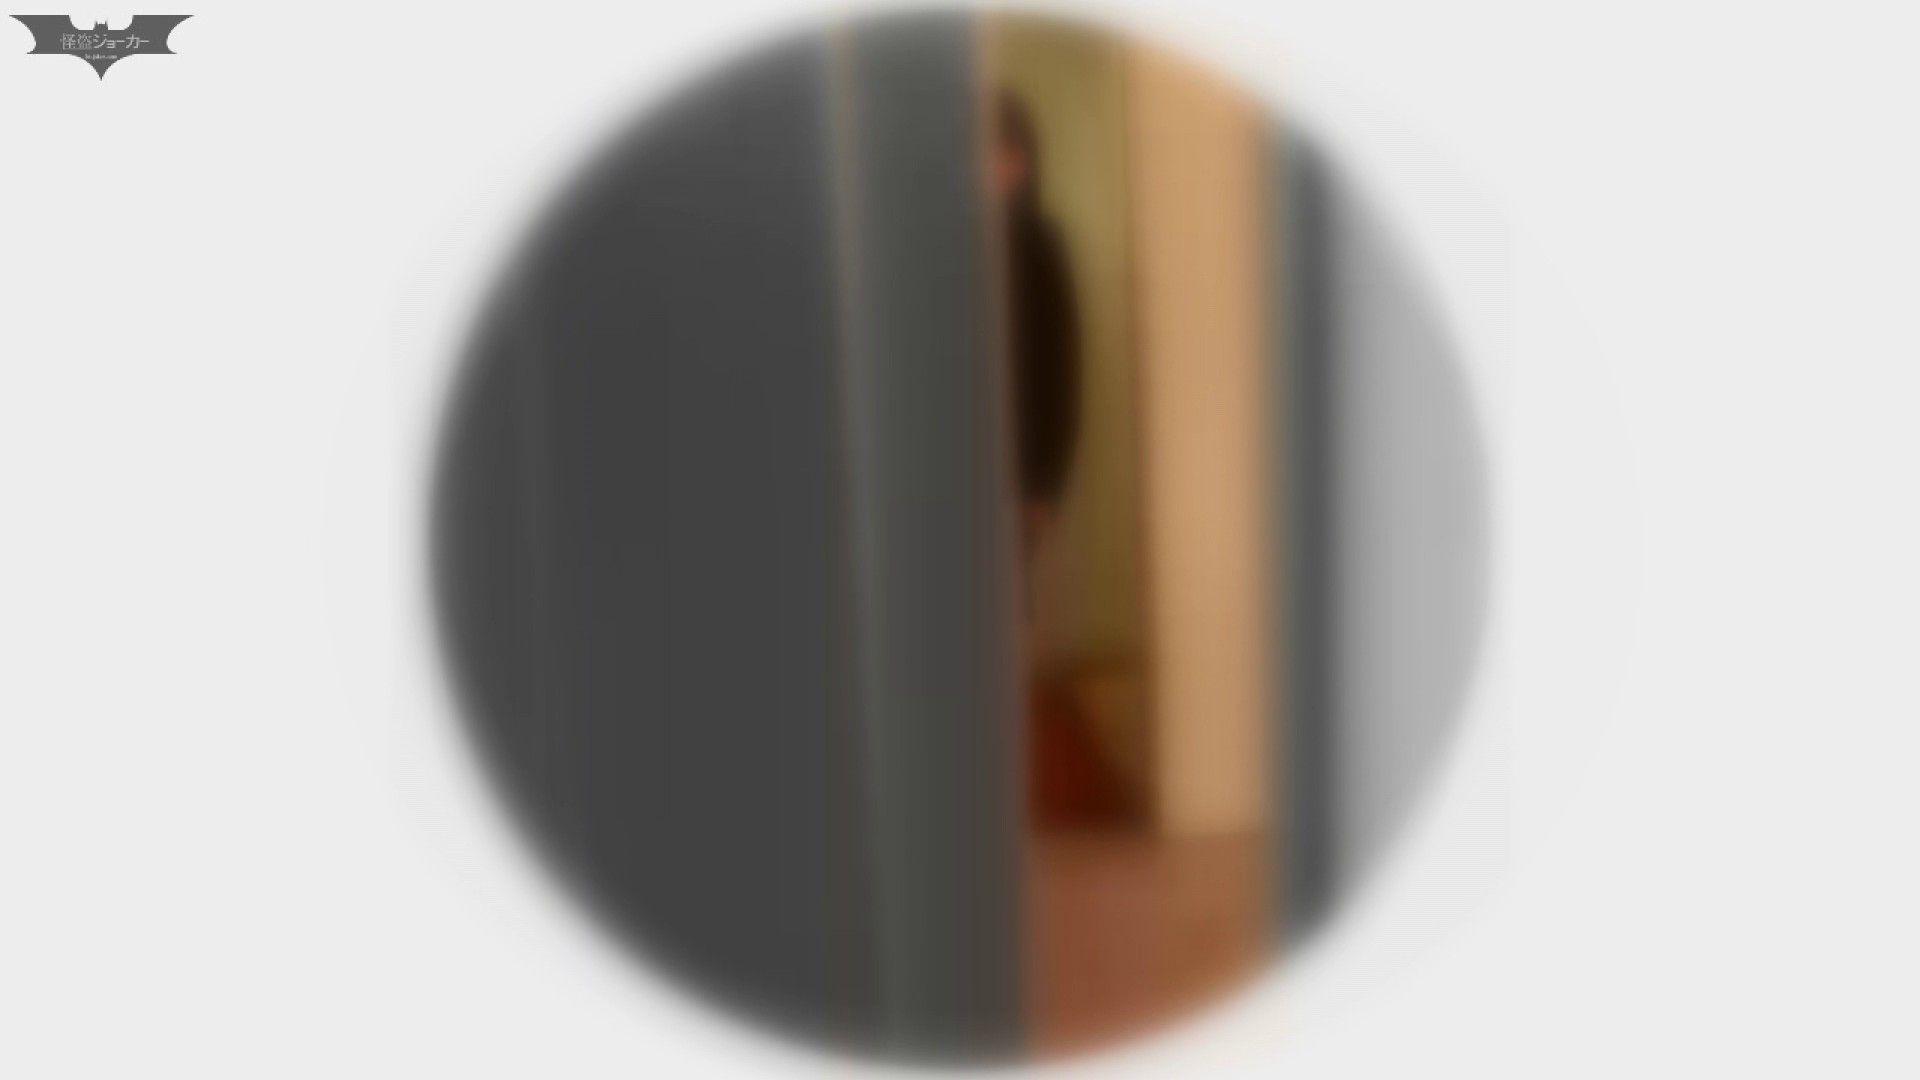 【期間・個数限定配信】 マンコ丸見え!第三体育館潜入撮File001 期間限定   マンコ特集  77連発 16